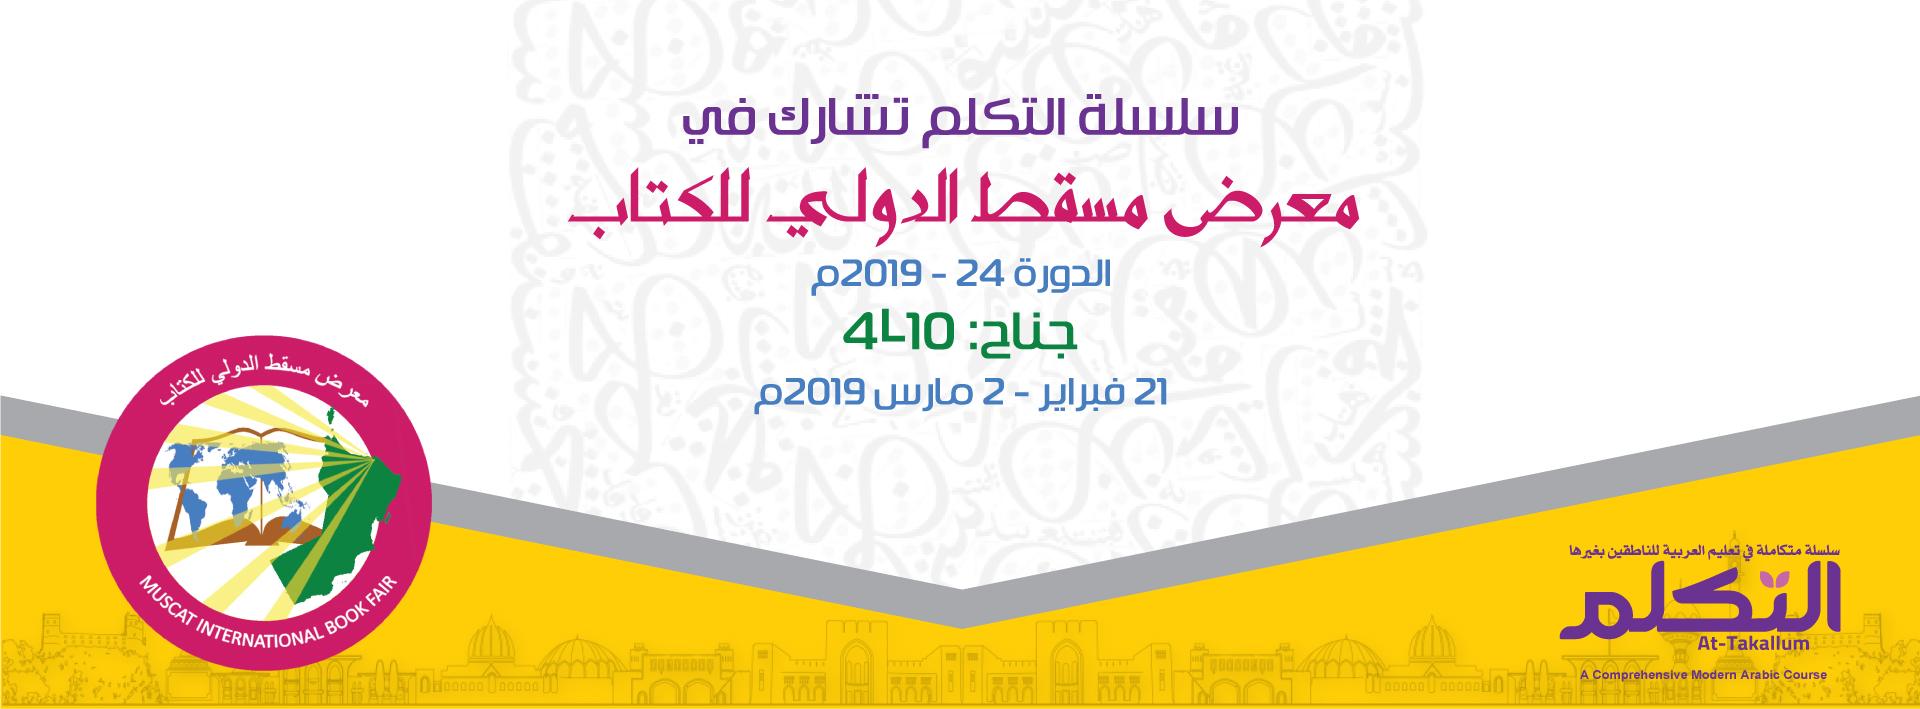 Muscat International Book Fair 2019